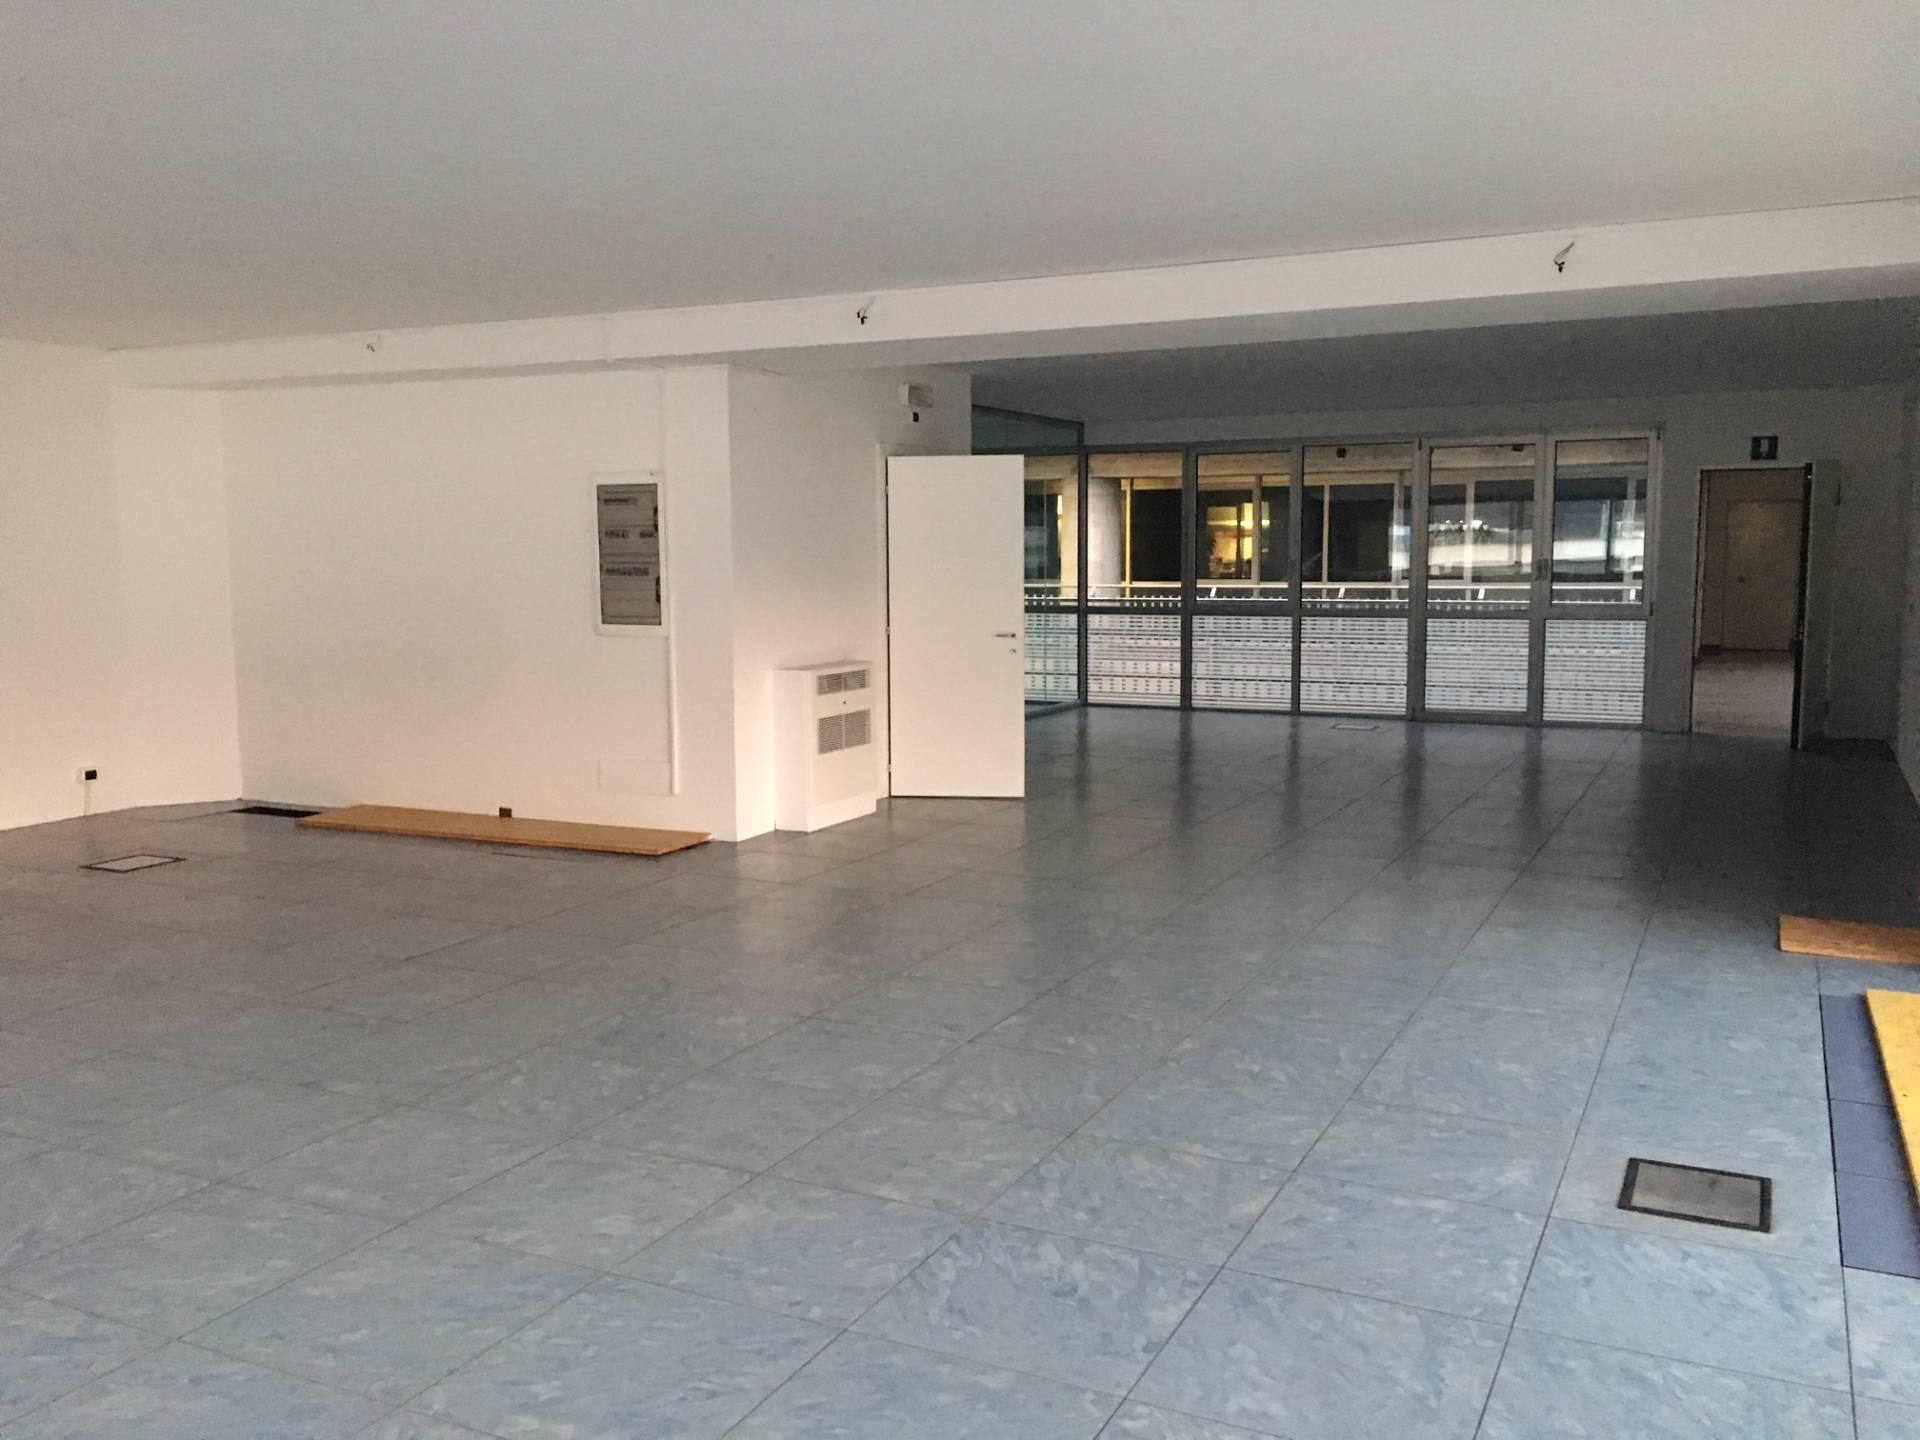 Ufficio / Studio in affitto a Bolzano, 9999 locali, zona Zona: Periferia, prezzo € 1.100 | Cambio Casa.it